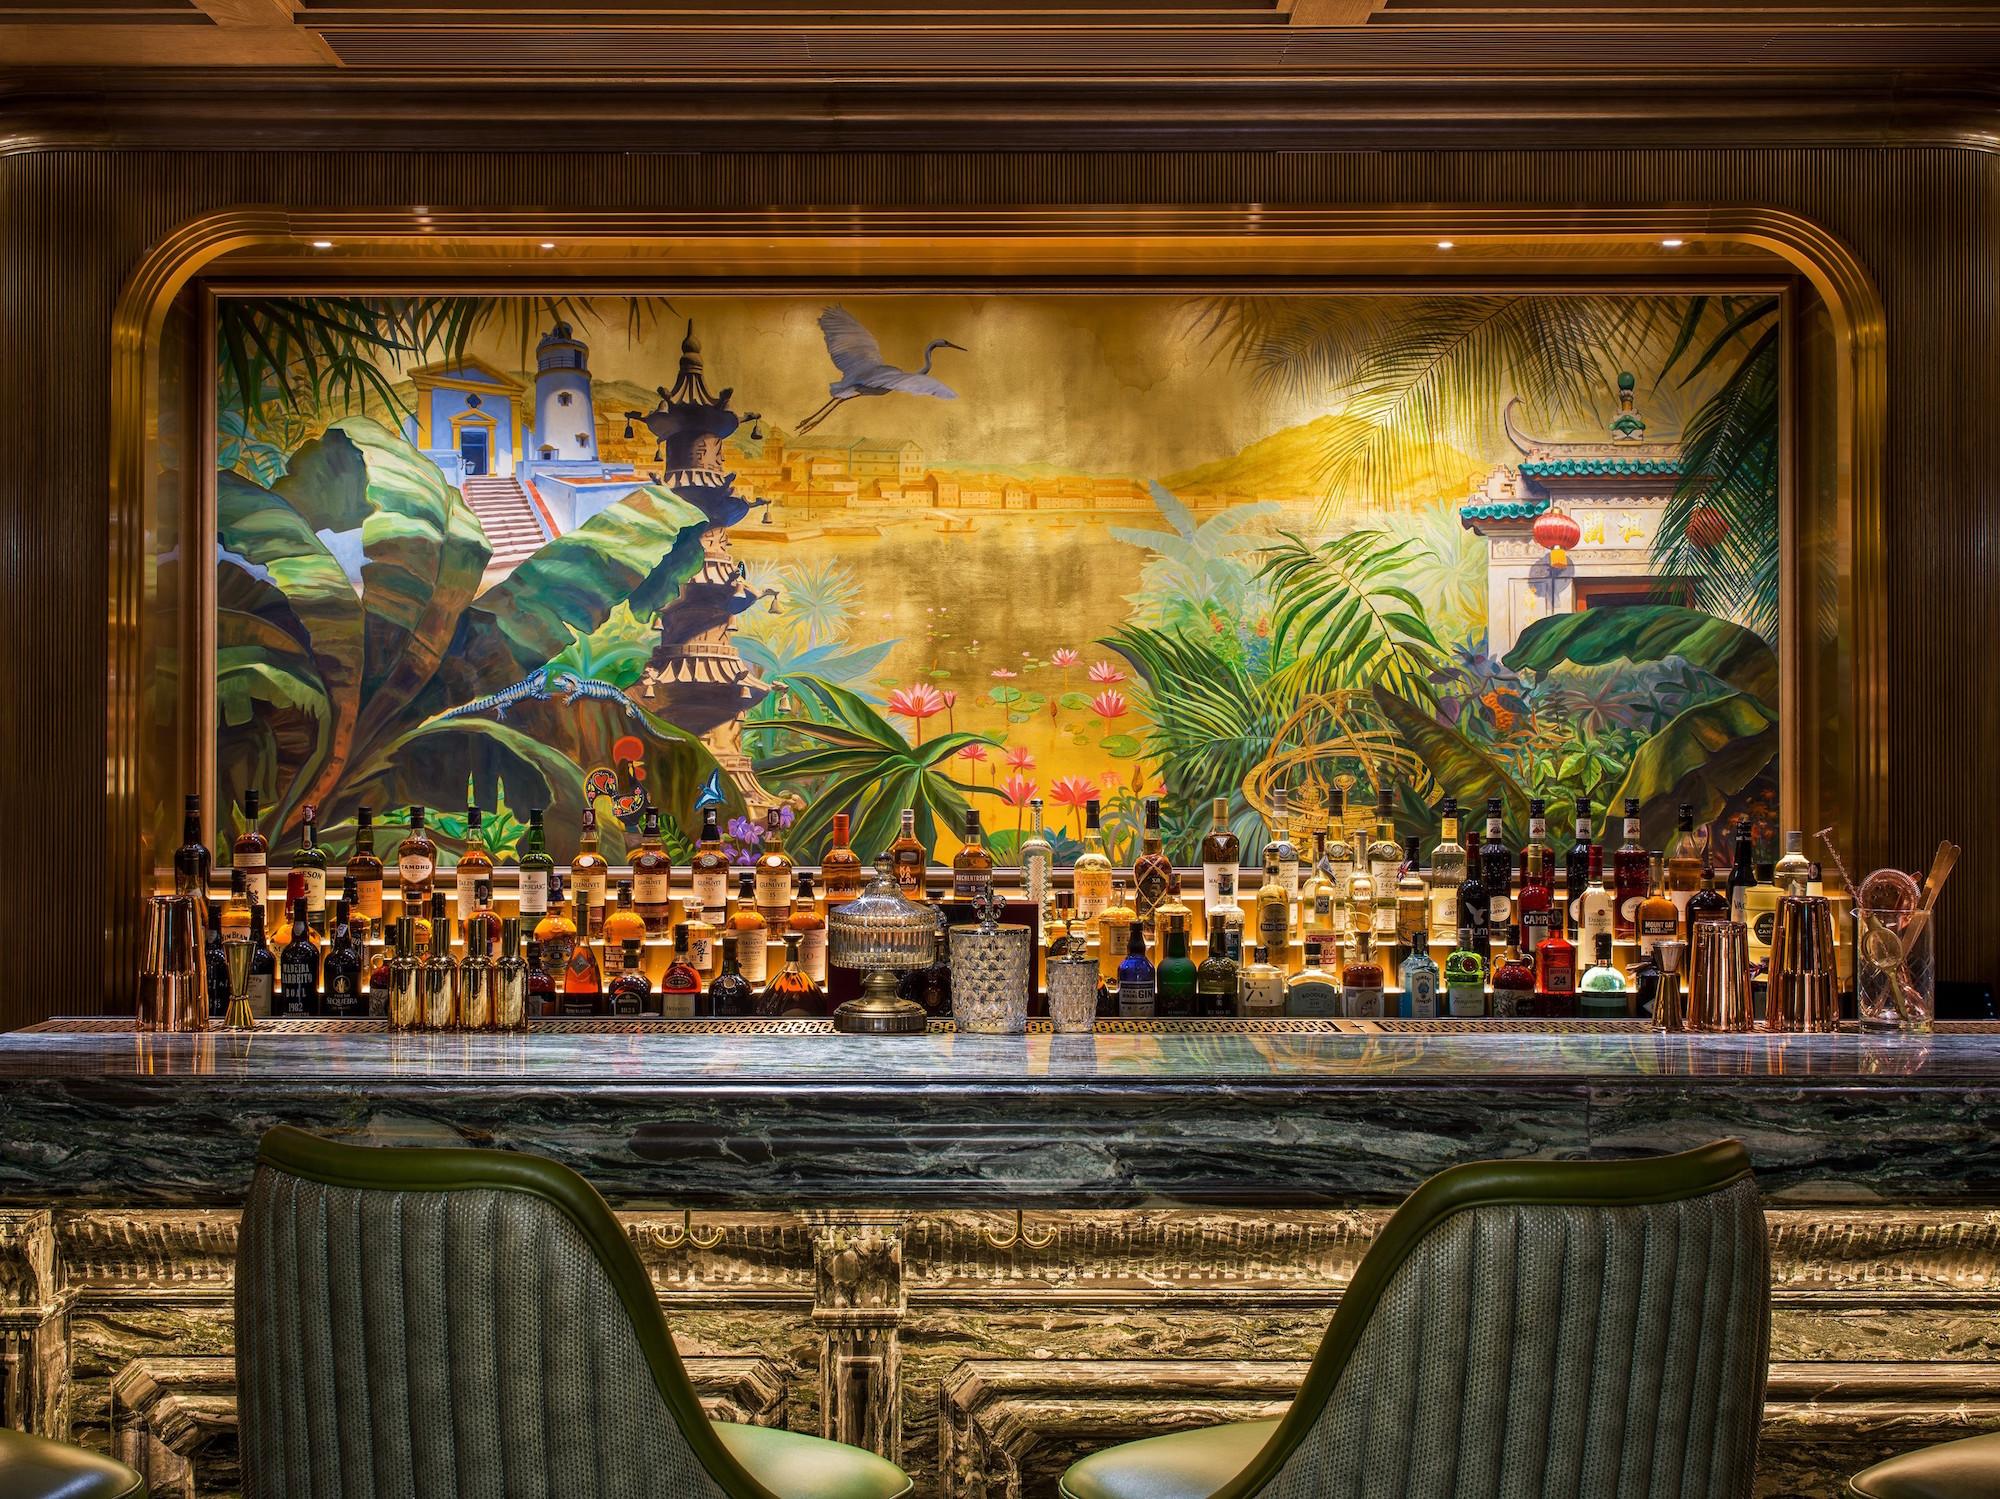 The St. Regis Bar_ The Mural The St Regis Bar